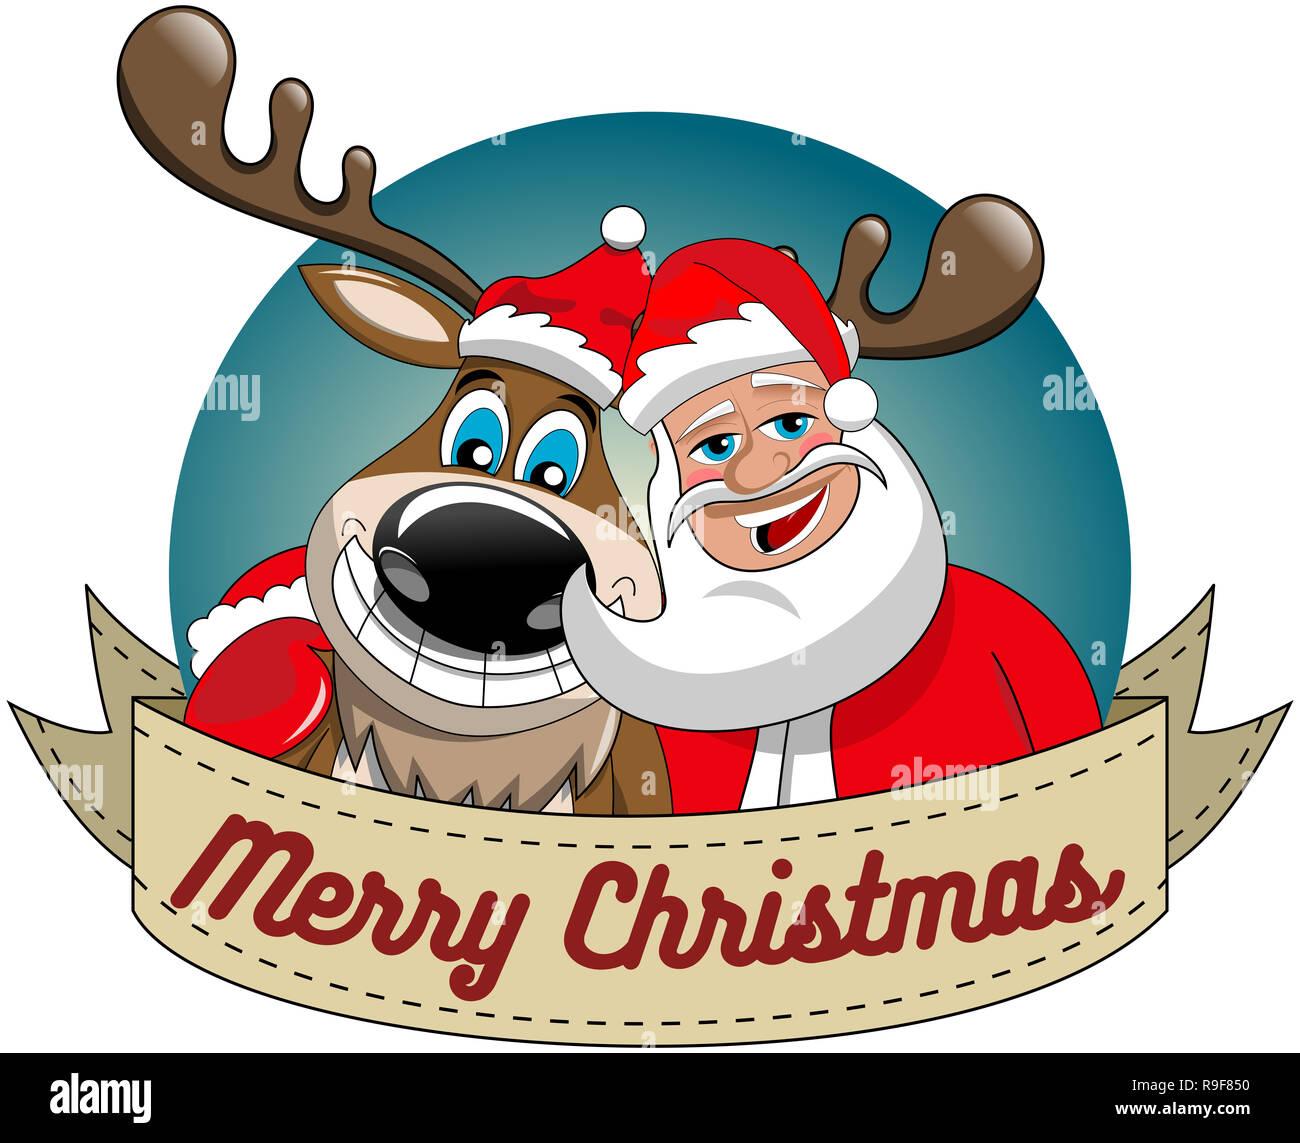 Lustige Bilder Frohe Weihnachten.Cartoon Lustige Rentier Und Weihnachtsmann Umarmen Und Wünschen